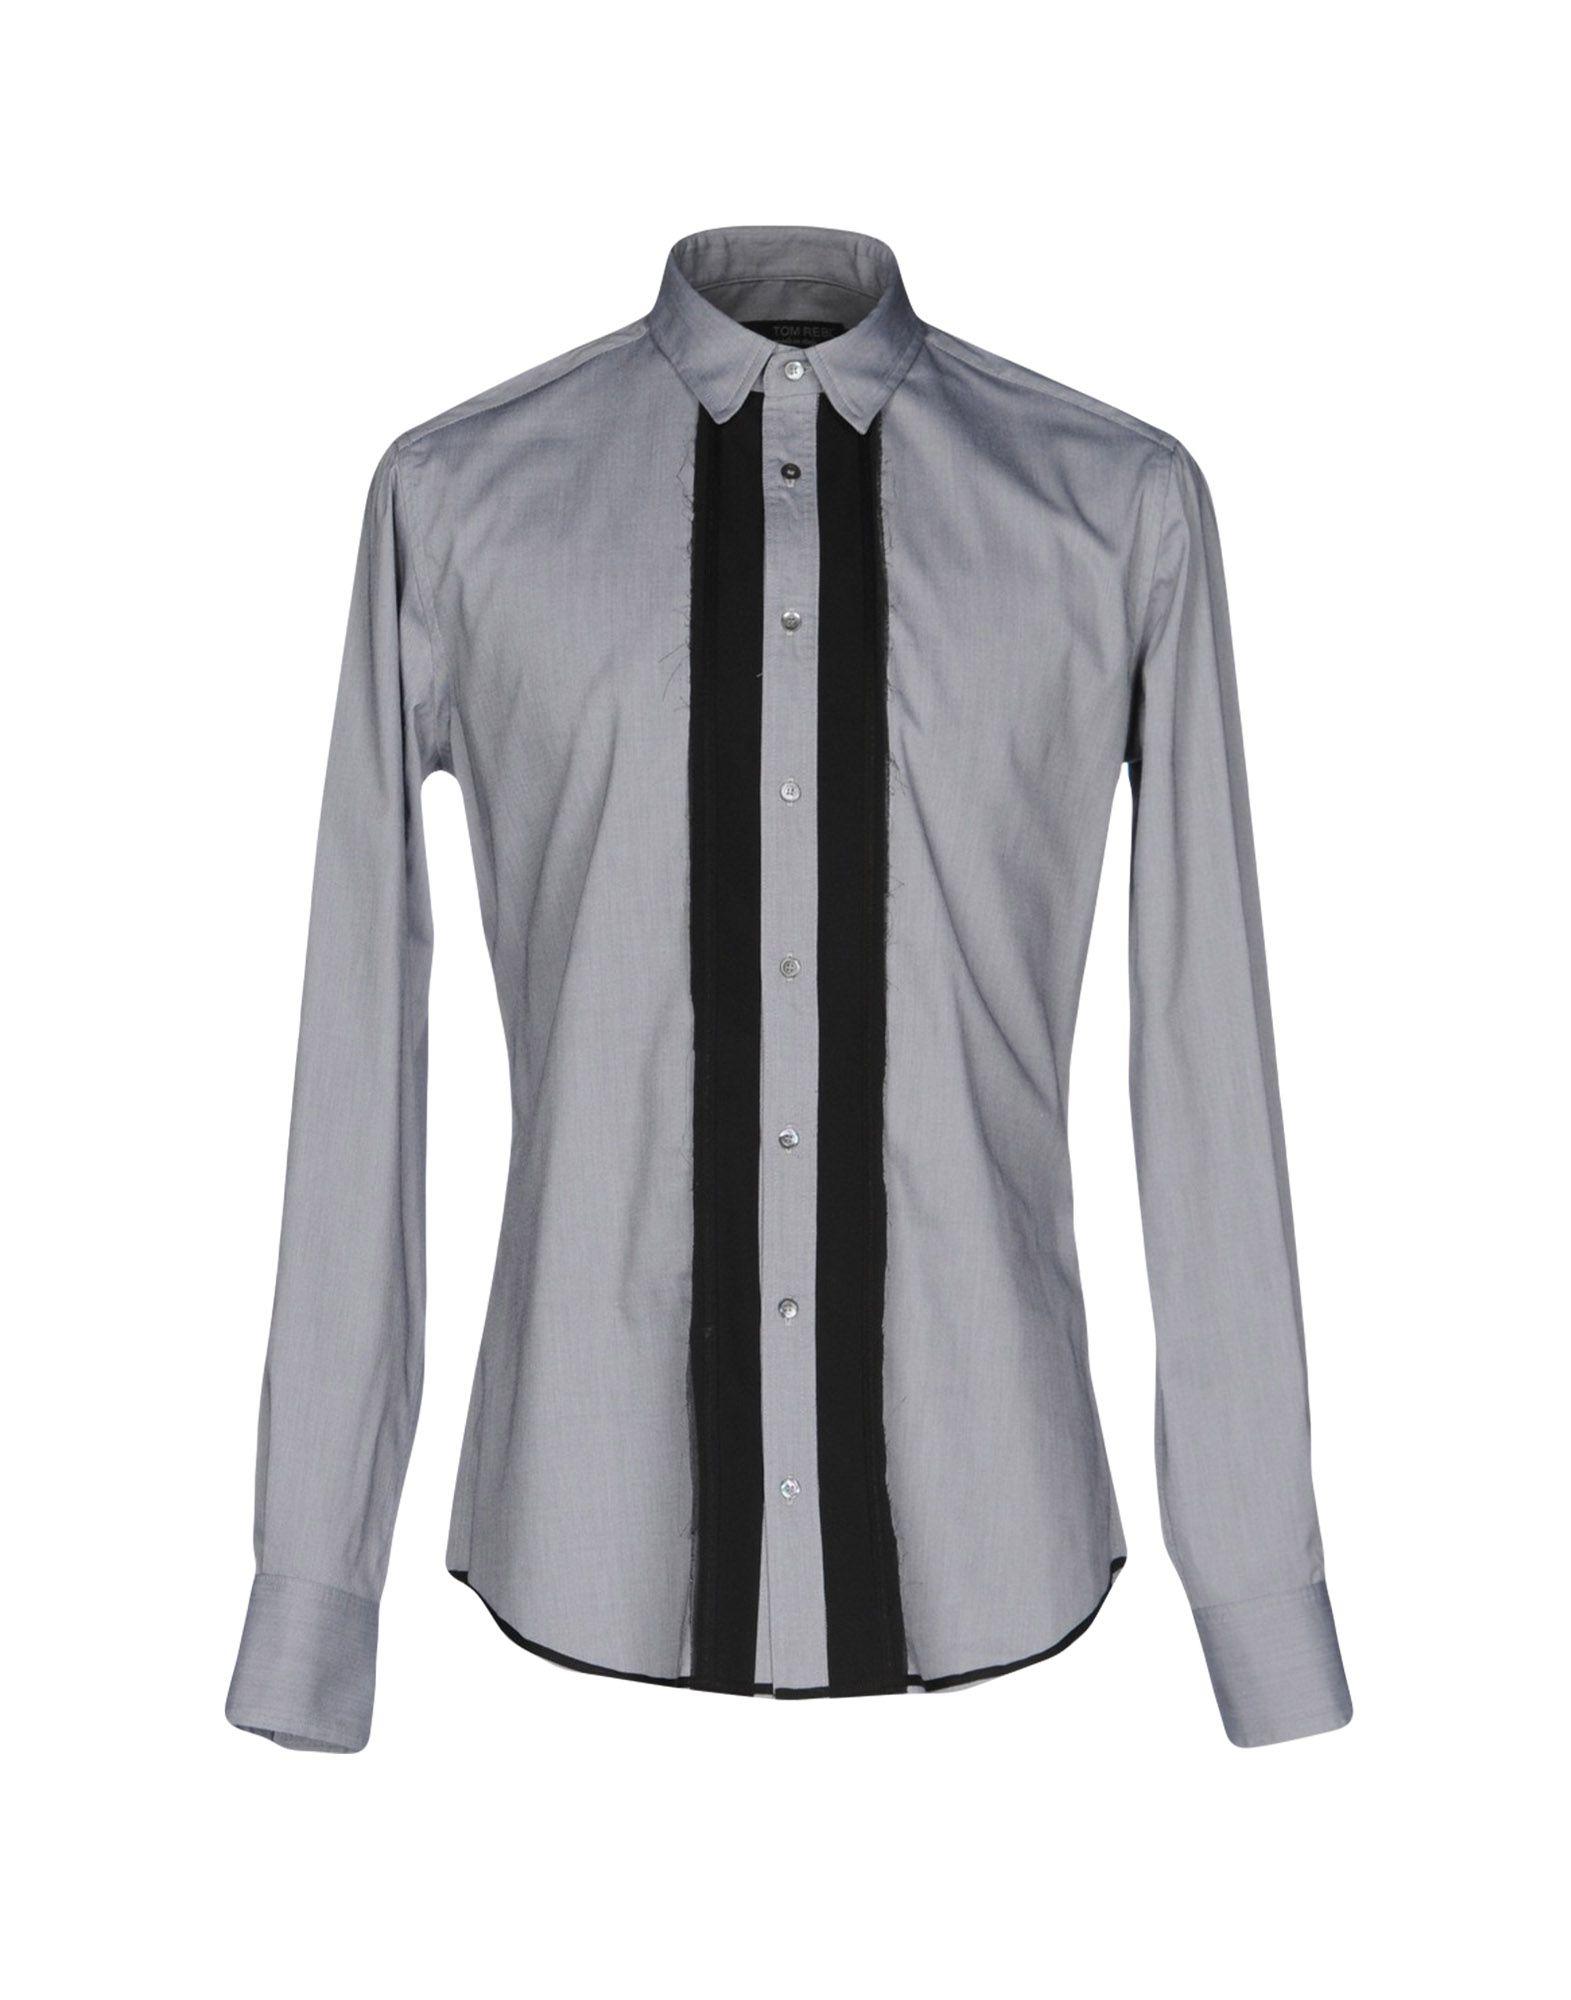 TOM REBL Herren Hemd Farbe Hellgrau Größe 4